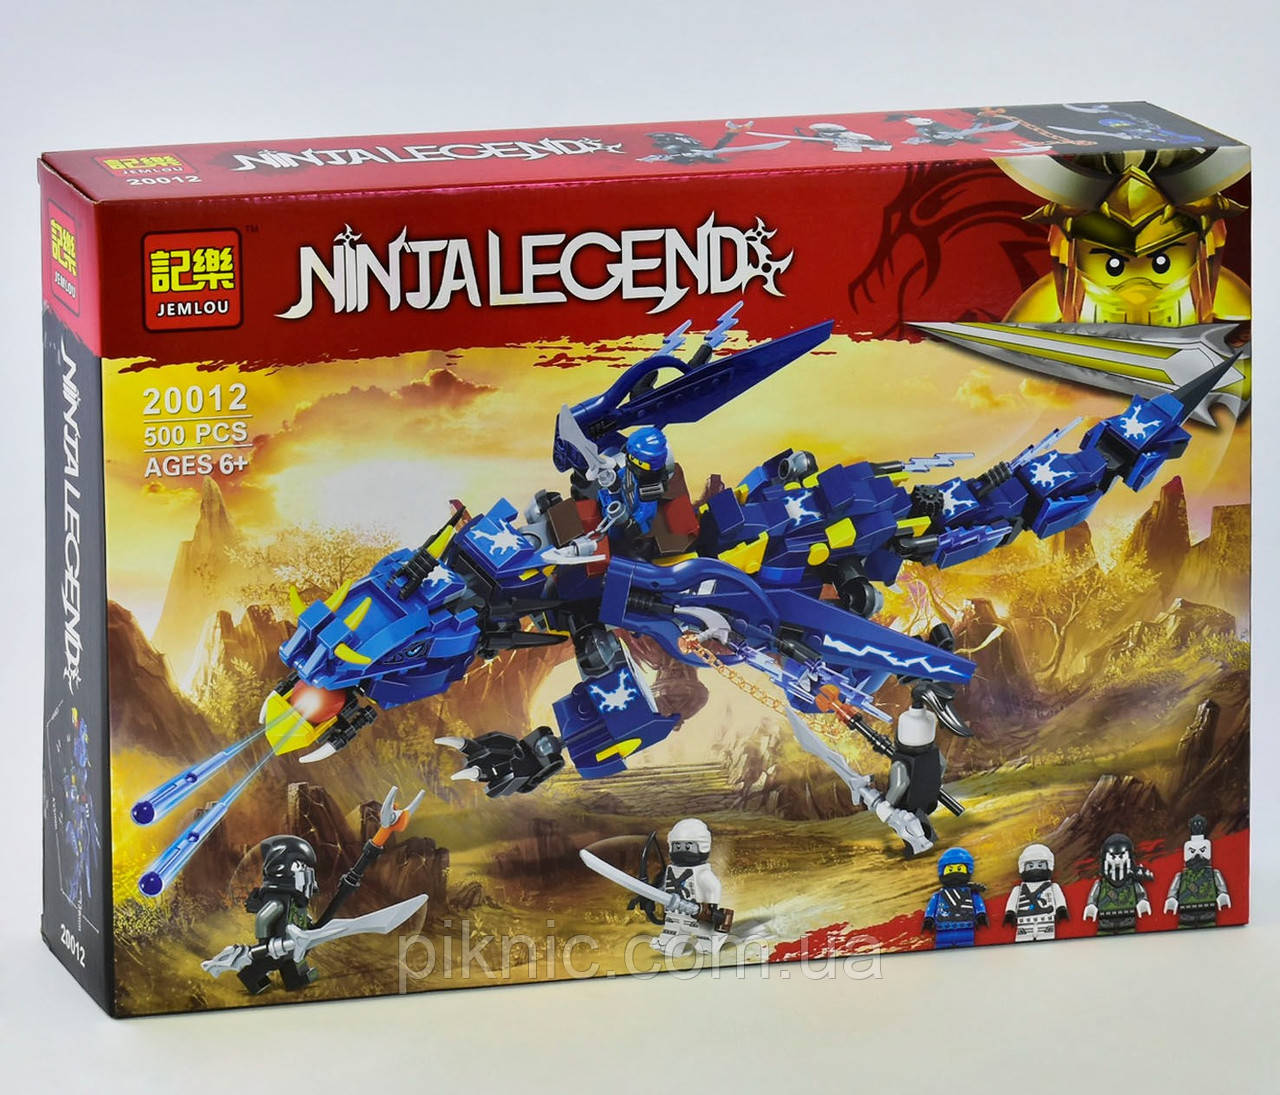 Конструктор Ninja Legend Вестник бури, 500 деталей. Детский набор для мальчиков